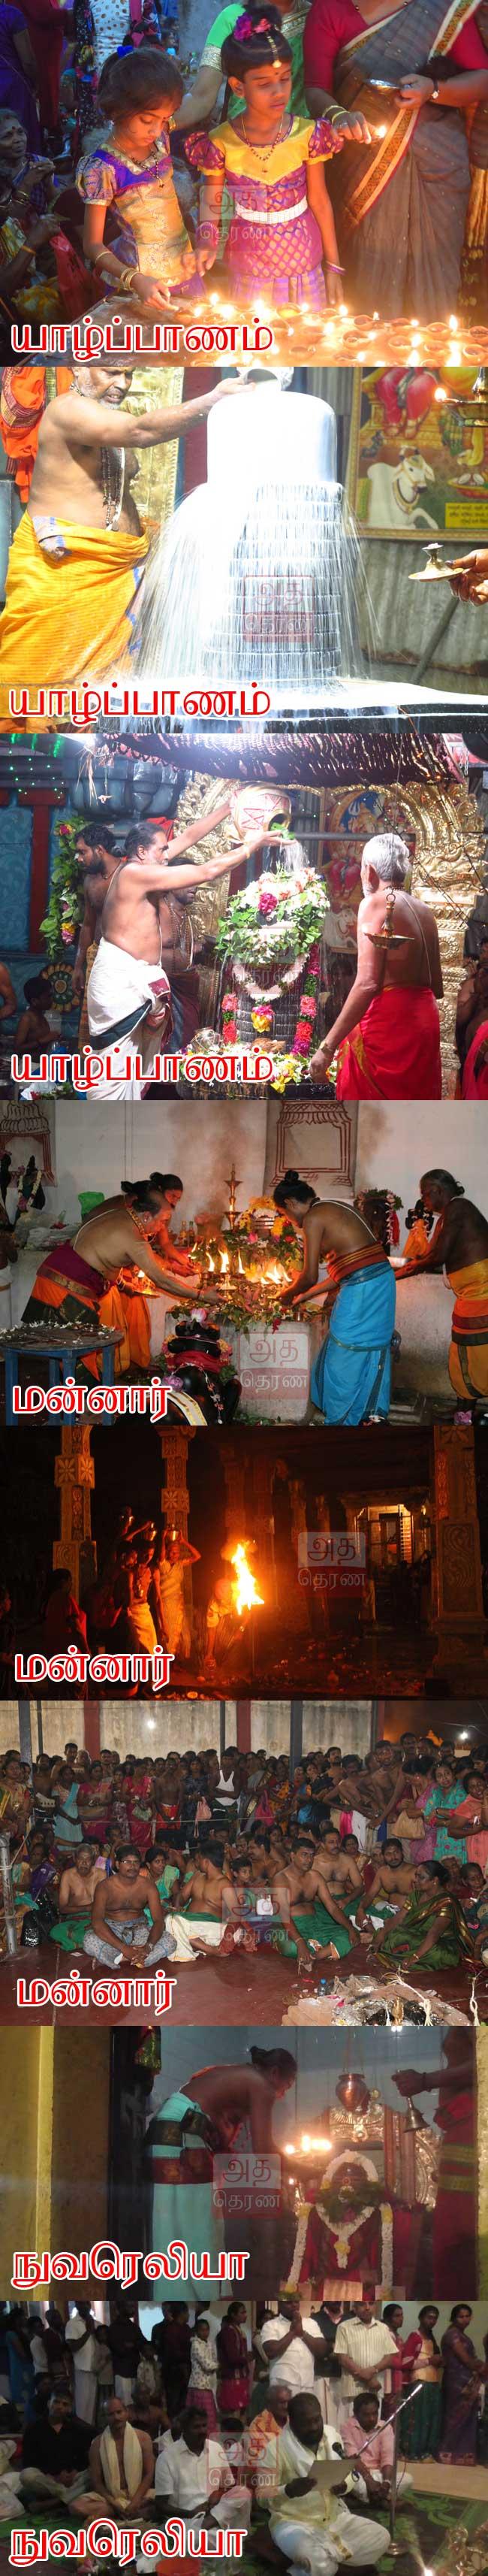 மகா சிவராத்திரி விரதம்